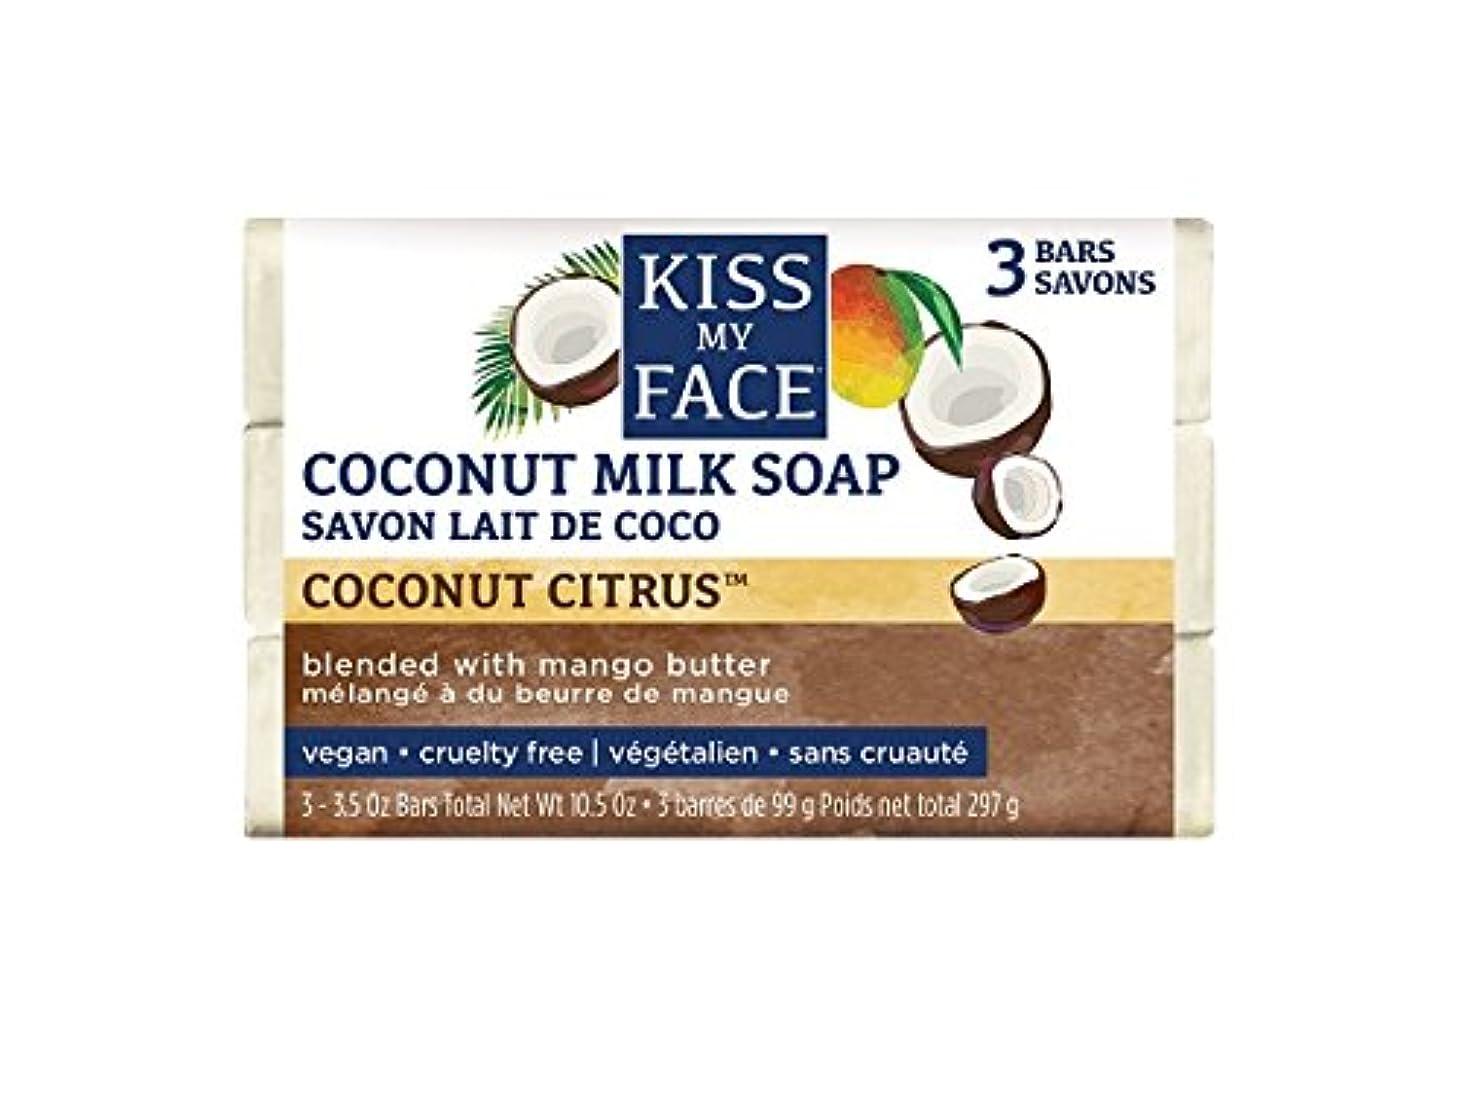 突然のおなじみの提供されたKiss My Face - ココナッツミルク棒石鹸 - 3パック - 10.5ポンド